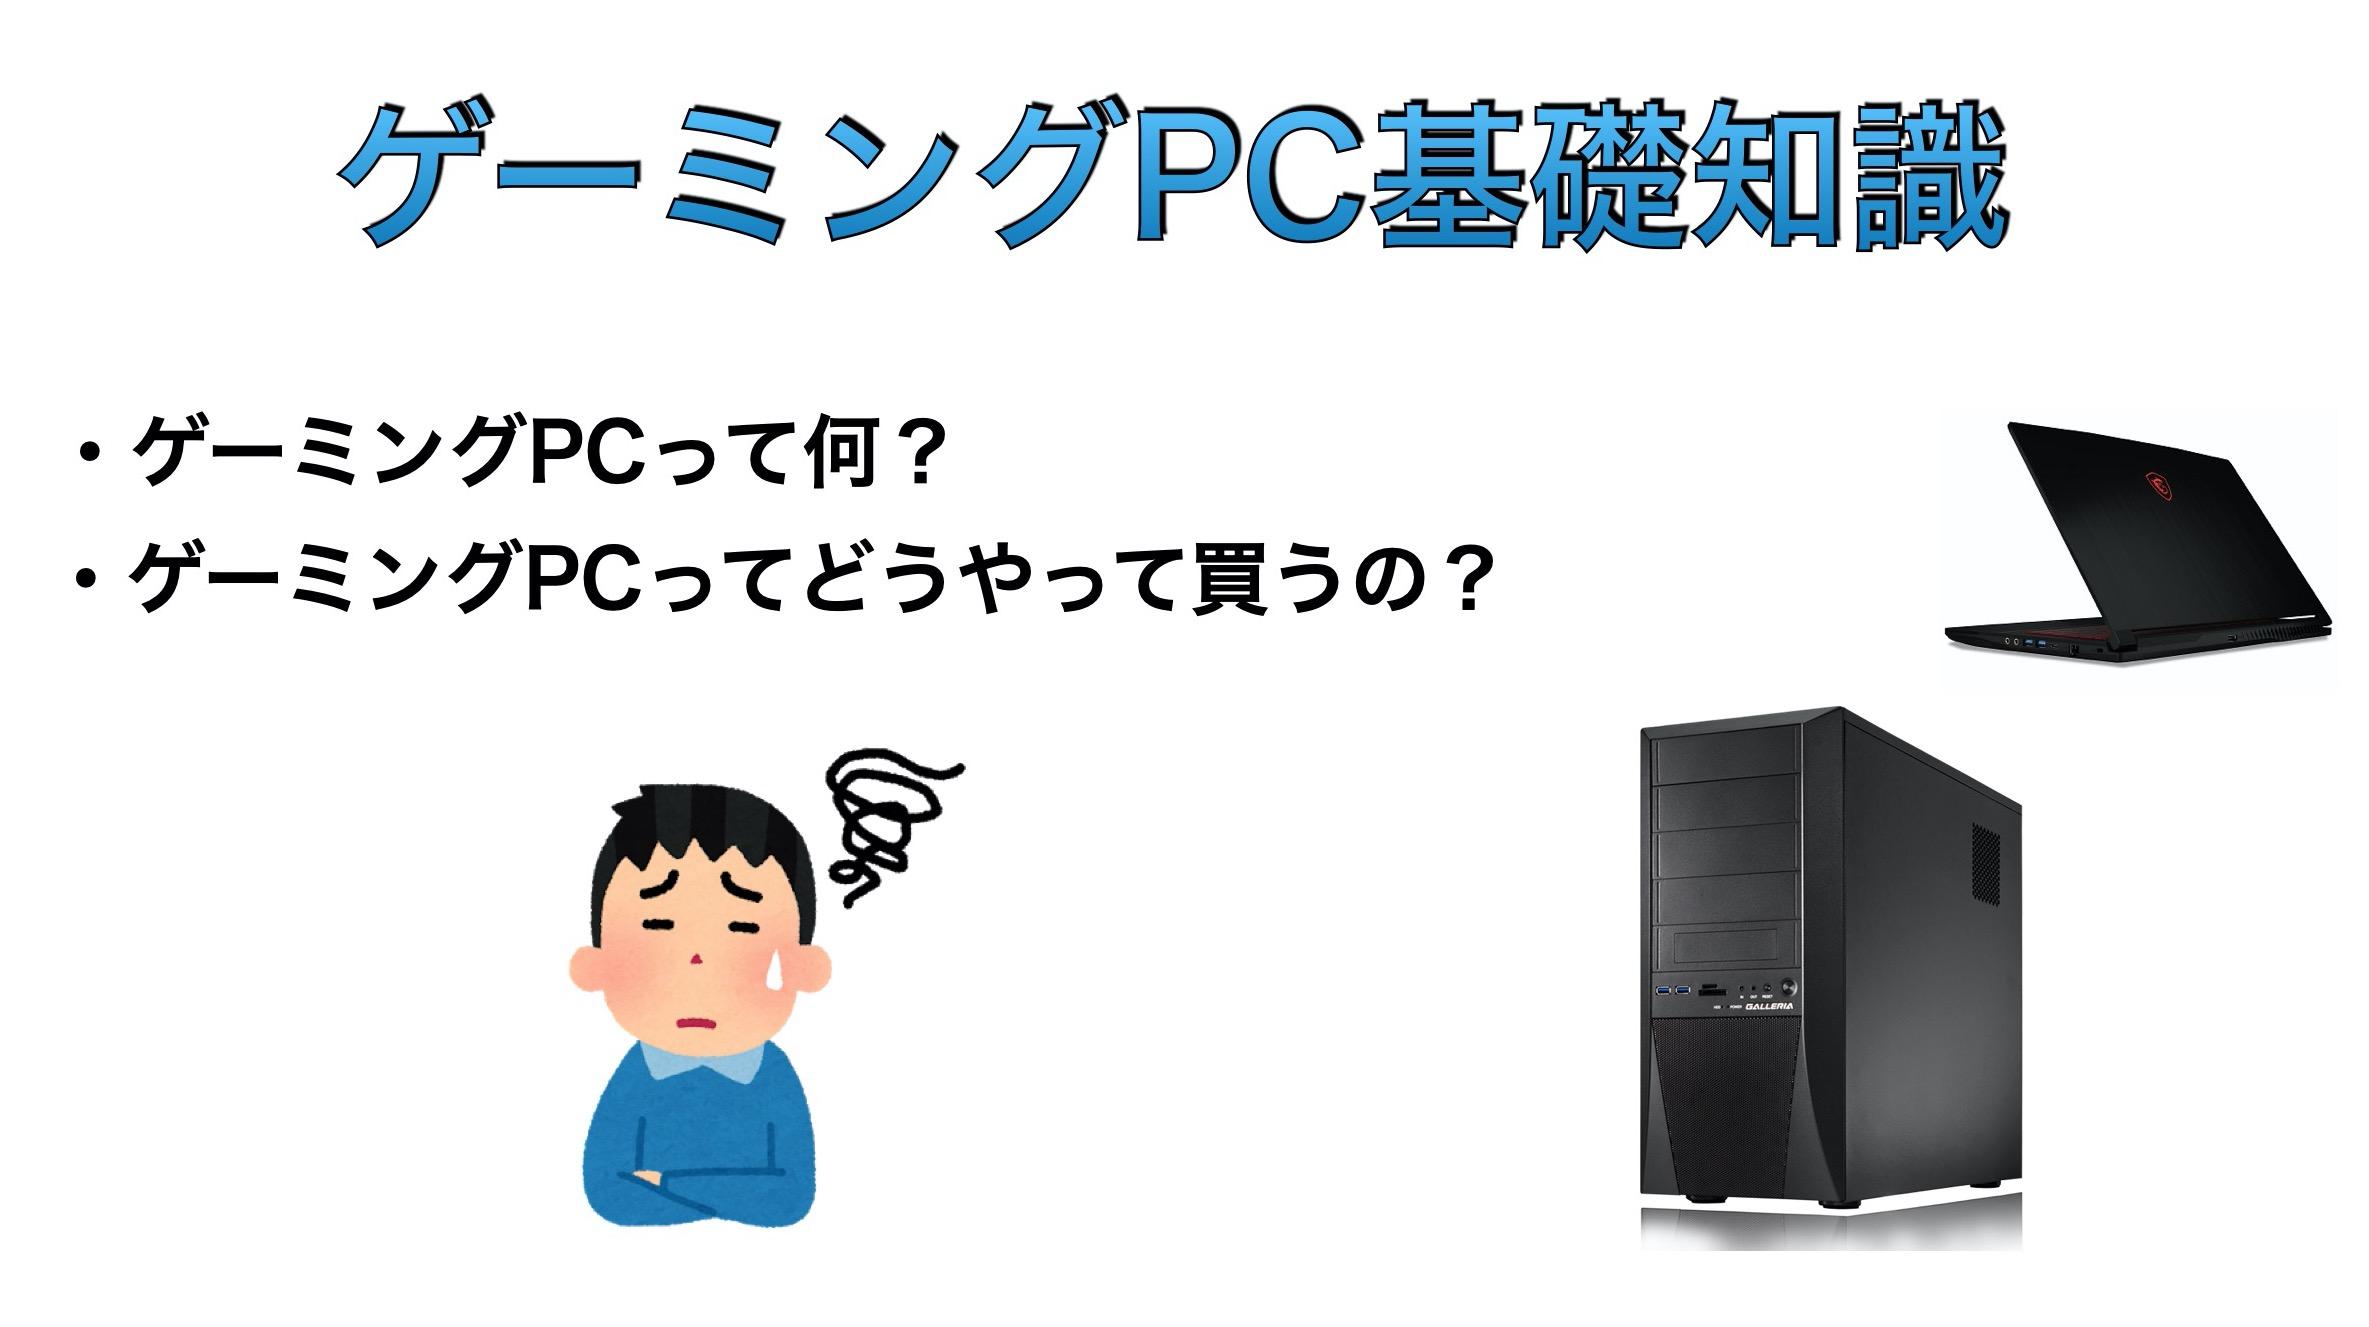 ゲーミングPC基礎知識